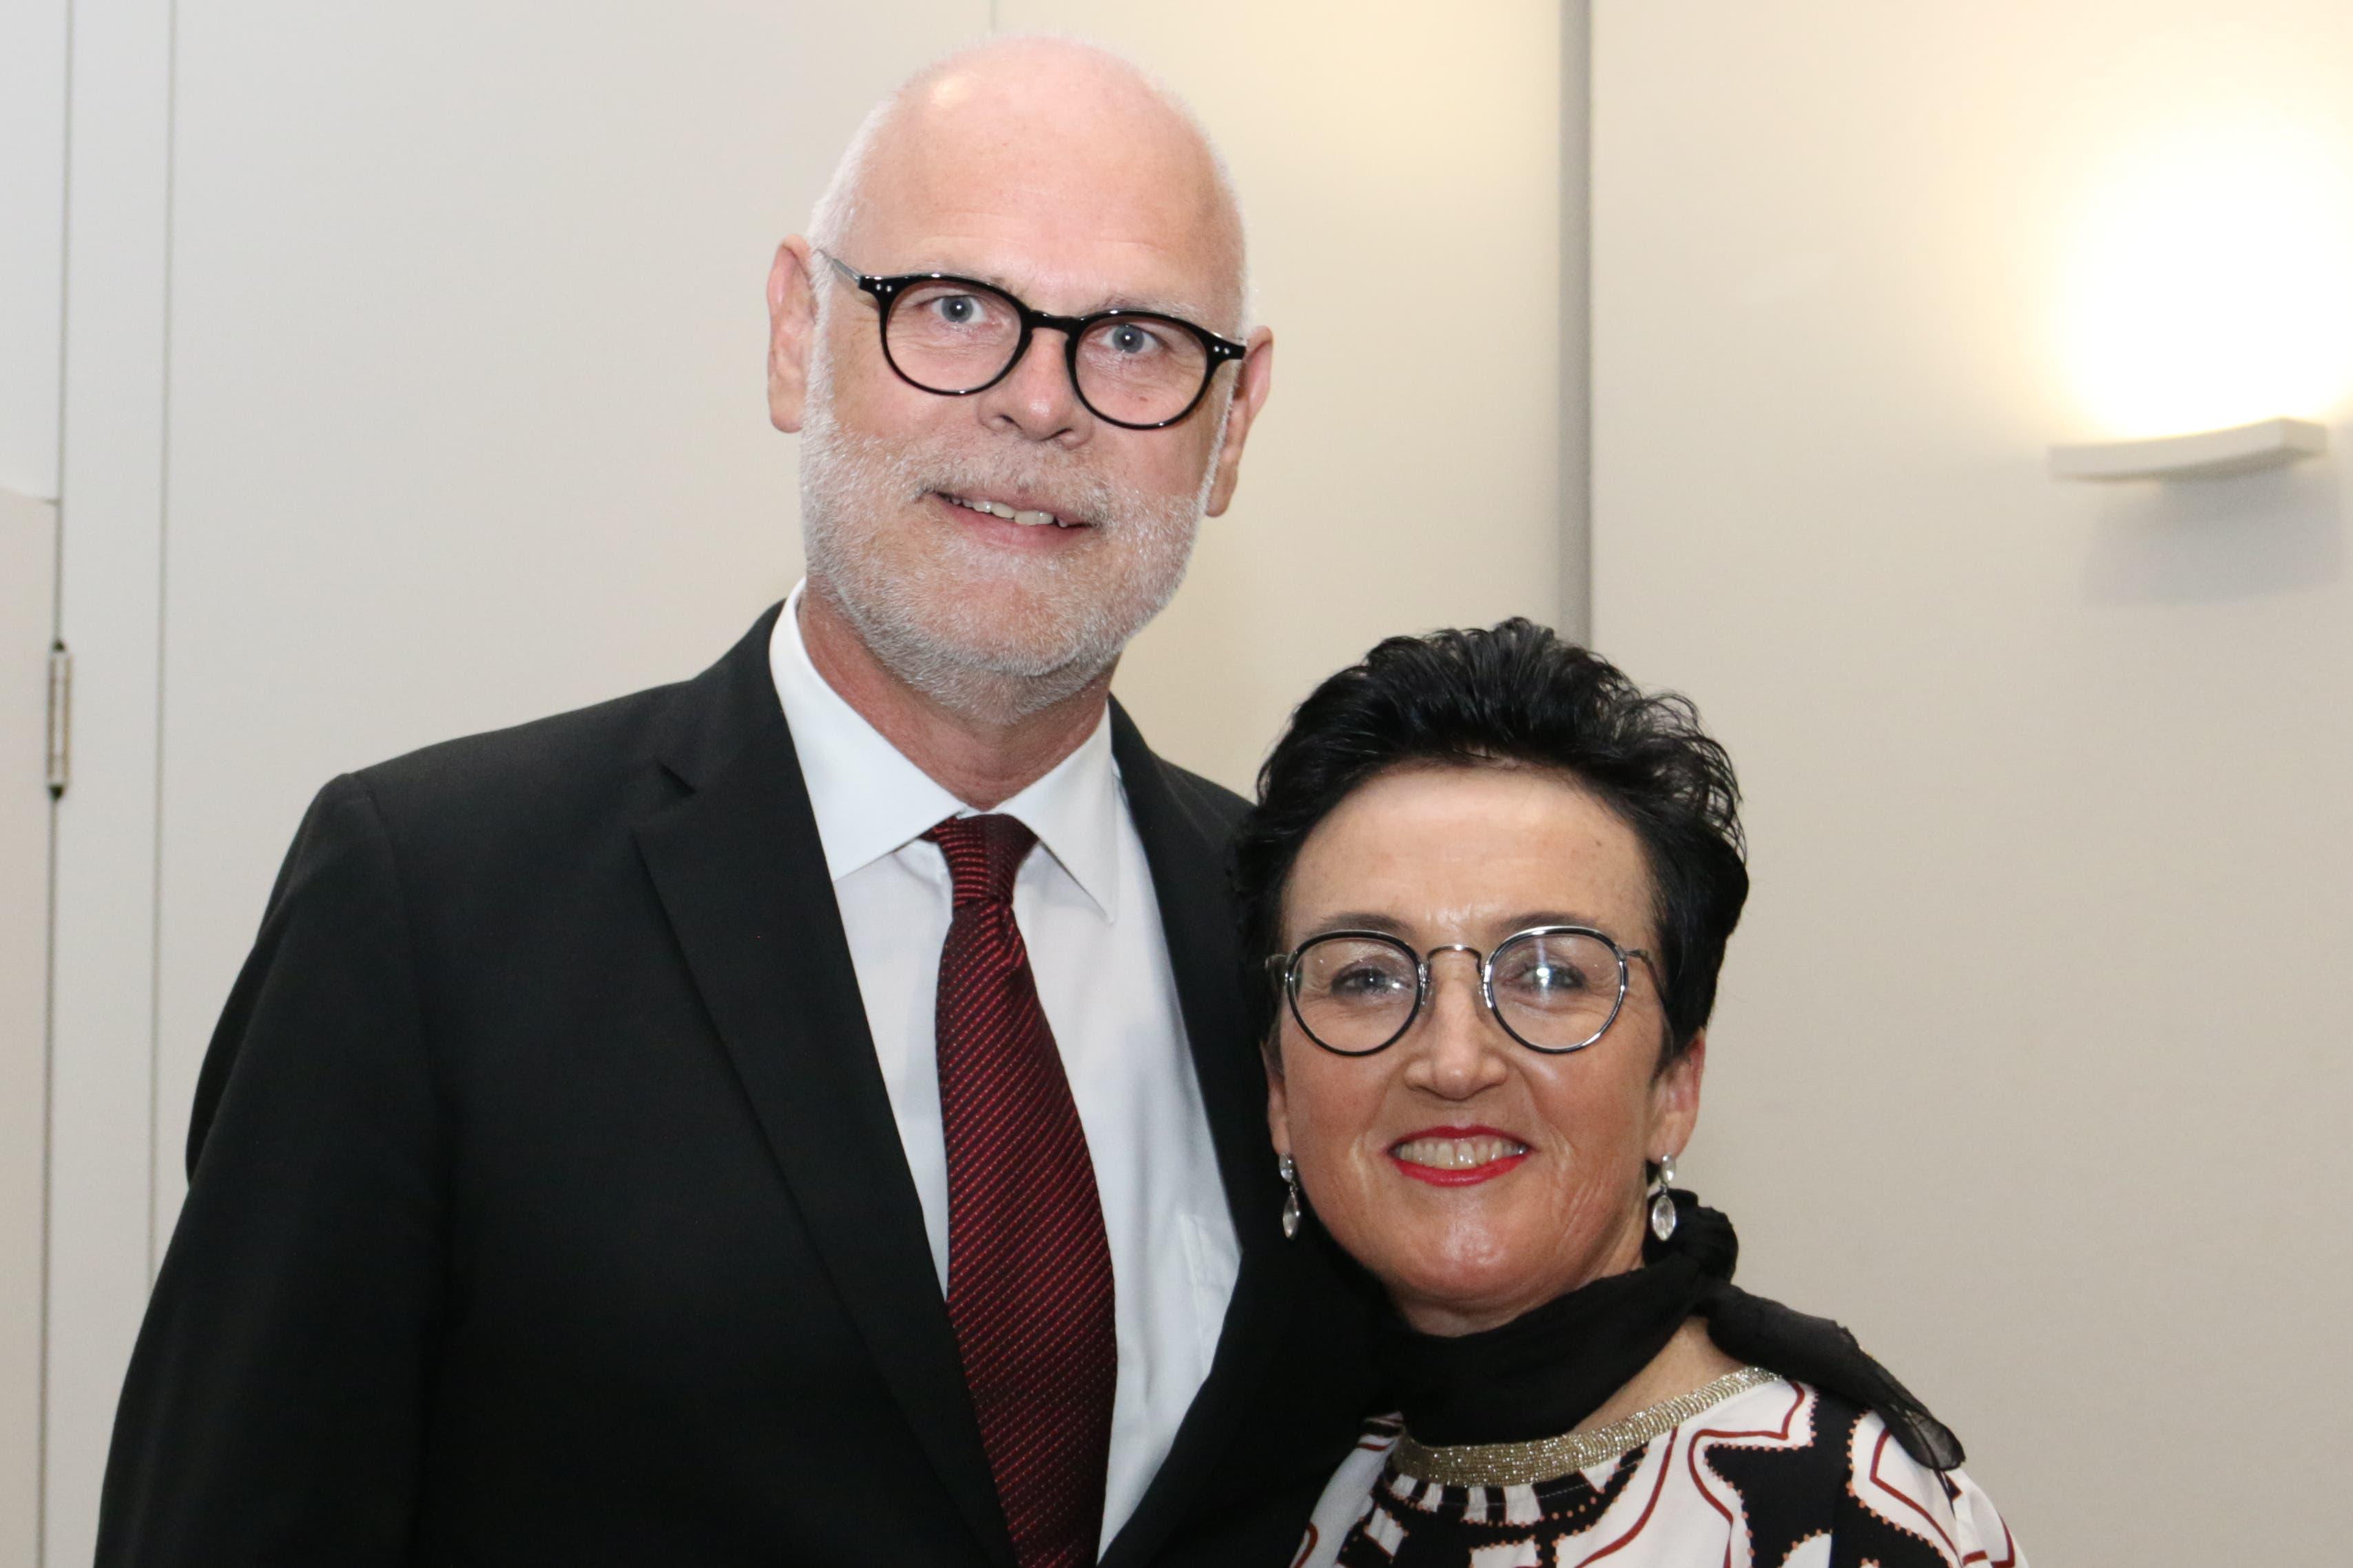 Josef und Klara Inderbitzin vom Hotel Krone in Sarnen. (Bild: Patricia Helfenstein-Burch, Sarnen, 18. Mai 2019)